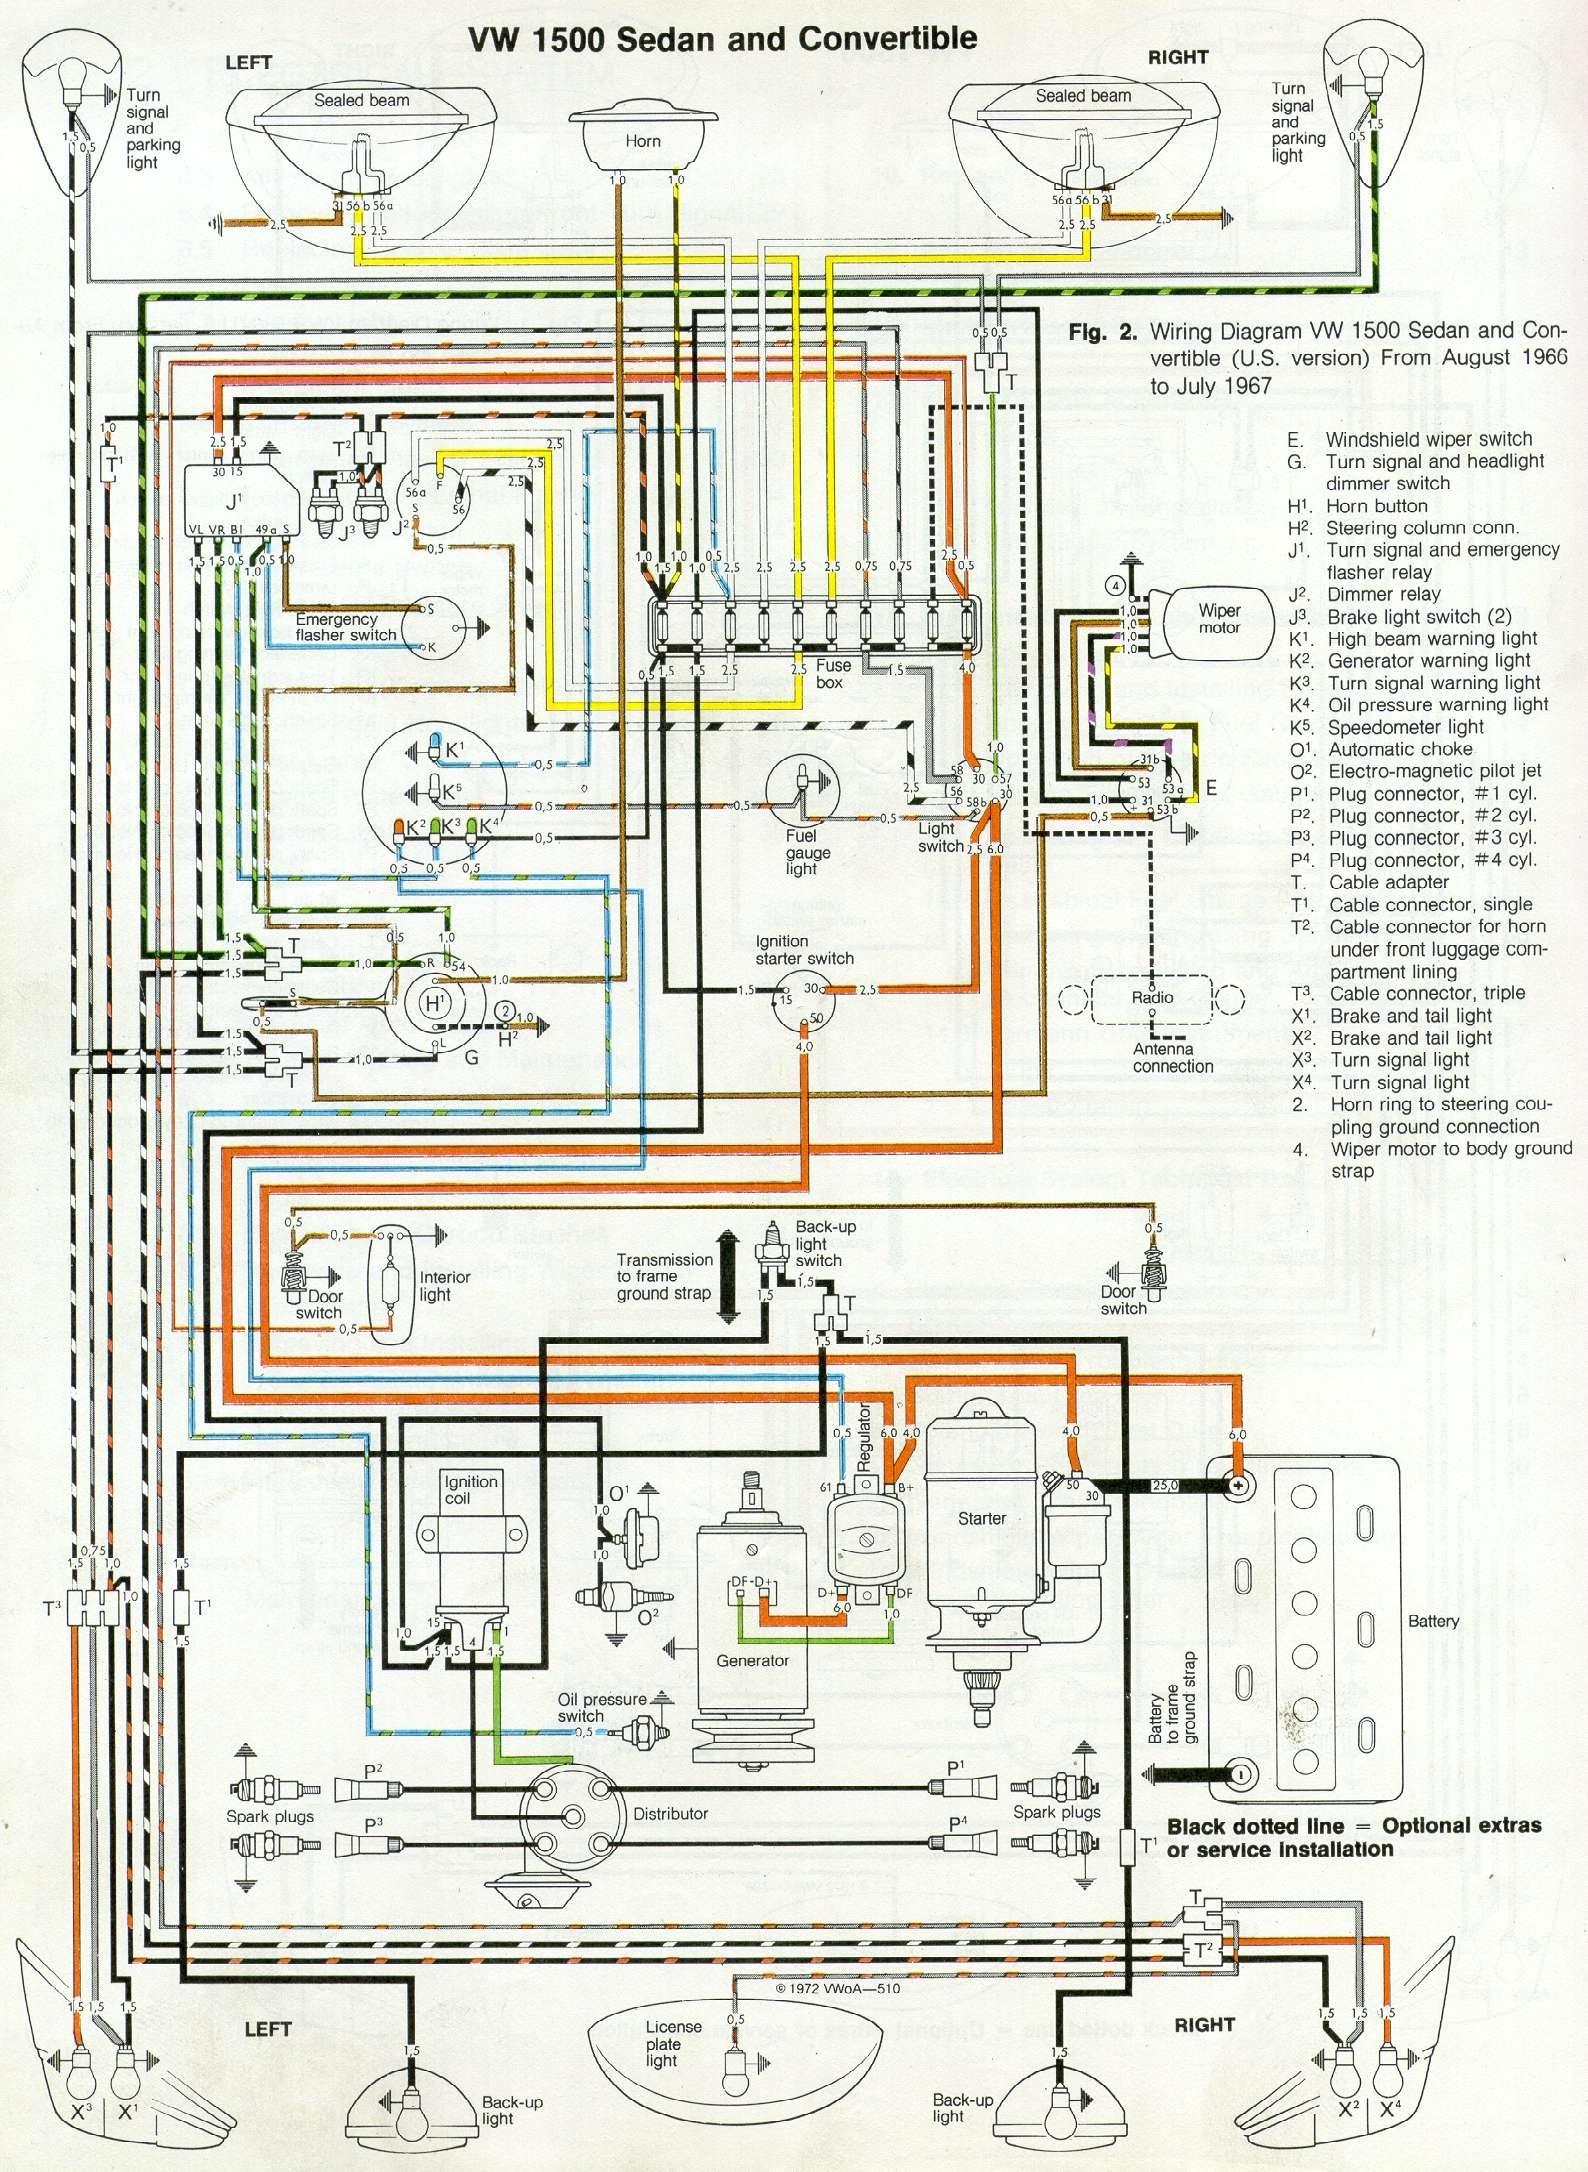 1963 Vw Beetle Wiper Motor Wiring Diagram - Wiring Diagram G8 Jaguar Wiper Motor Wiring Diagrams on